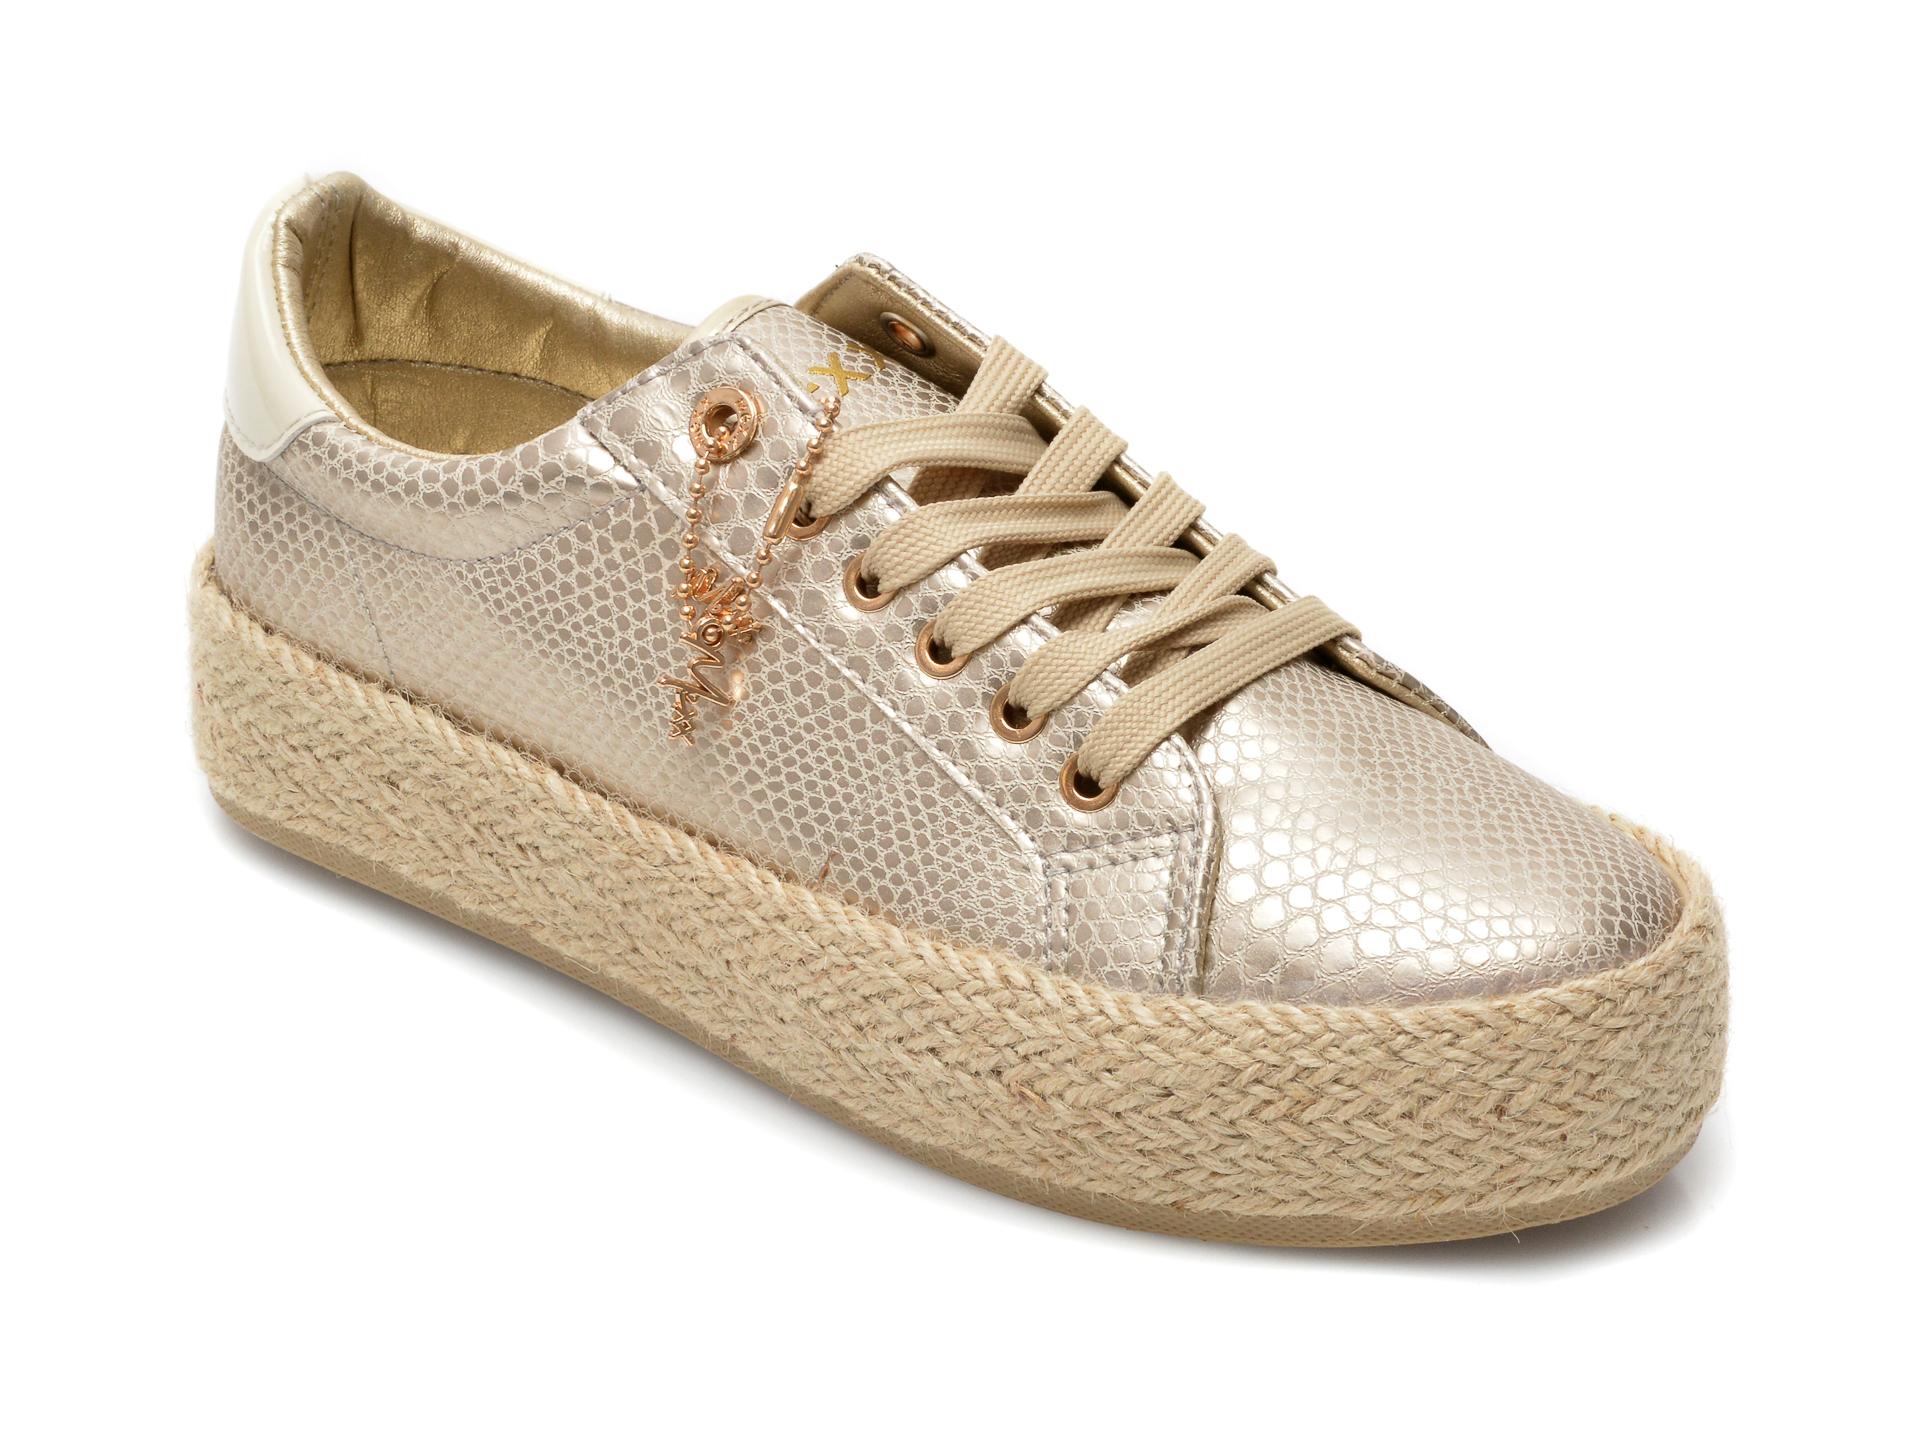 Pantofi MEXX aurii, SE0040, din piele ecologica